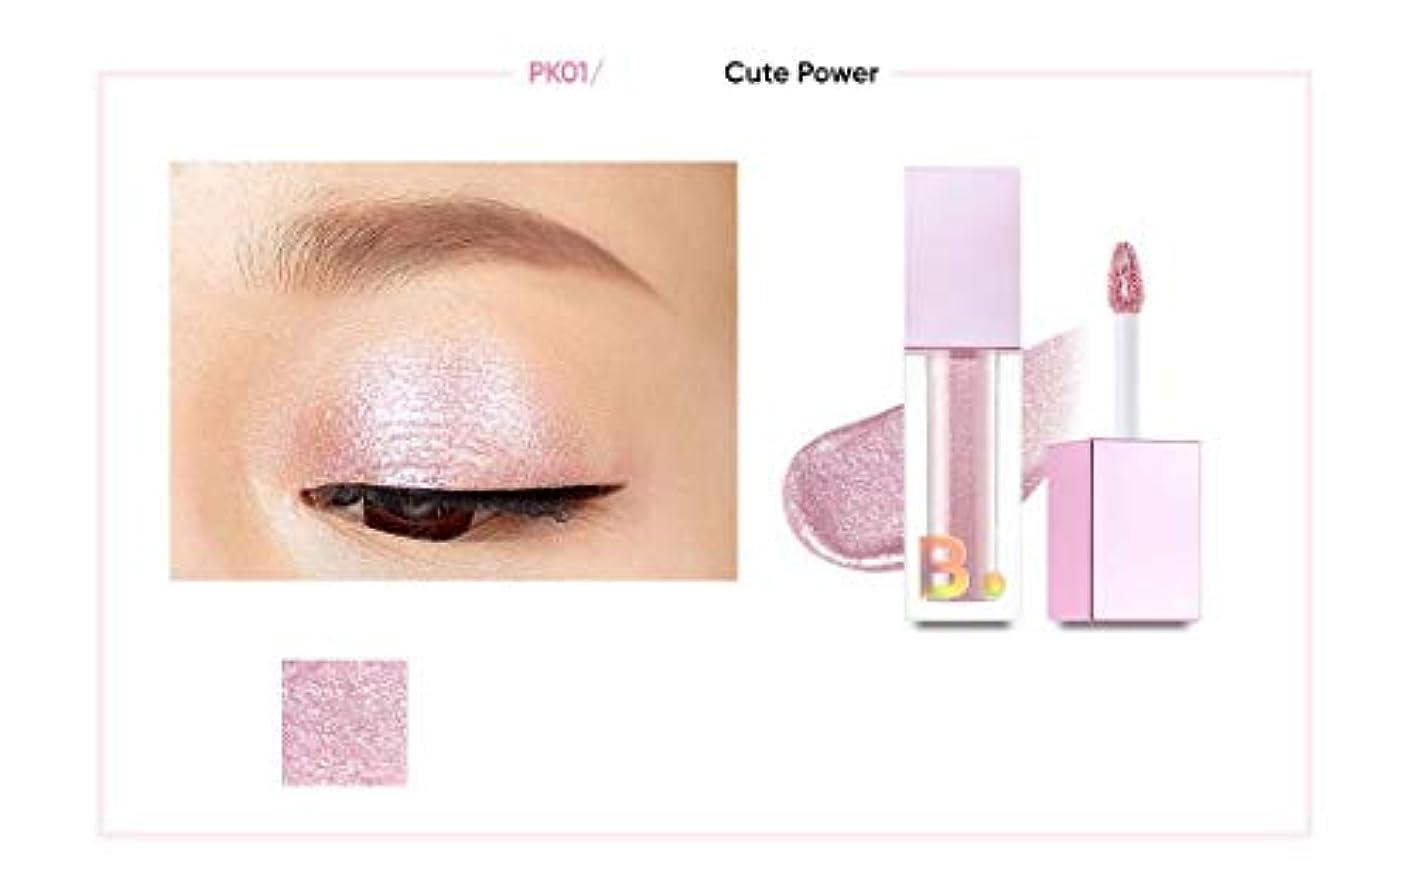 つかの間リネン戸口banilaco アイクラッシュスーパーキラキラリキッドシャドウ #PK01 Cute power/Eyecrush Super Bling Glitter Liquid Shadow 4.5g # PK01 Cute power [並行輸入品]